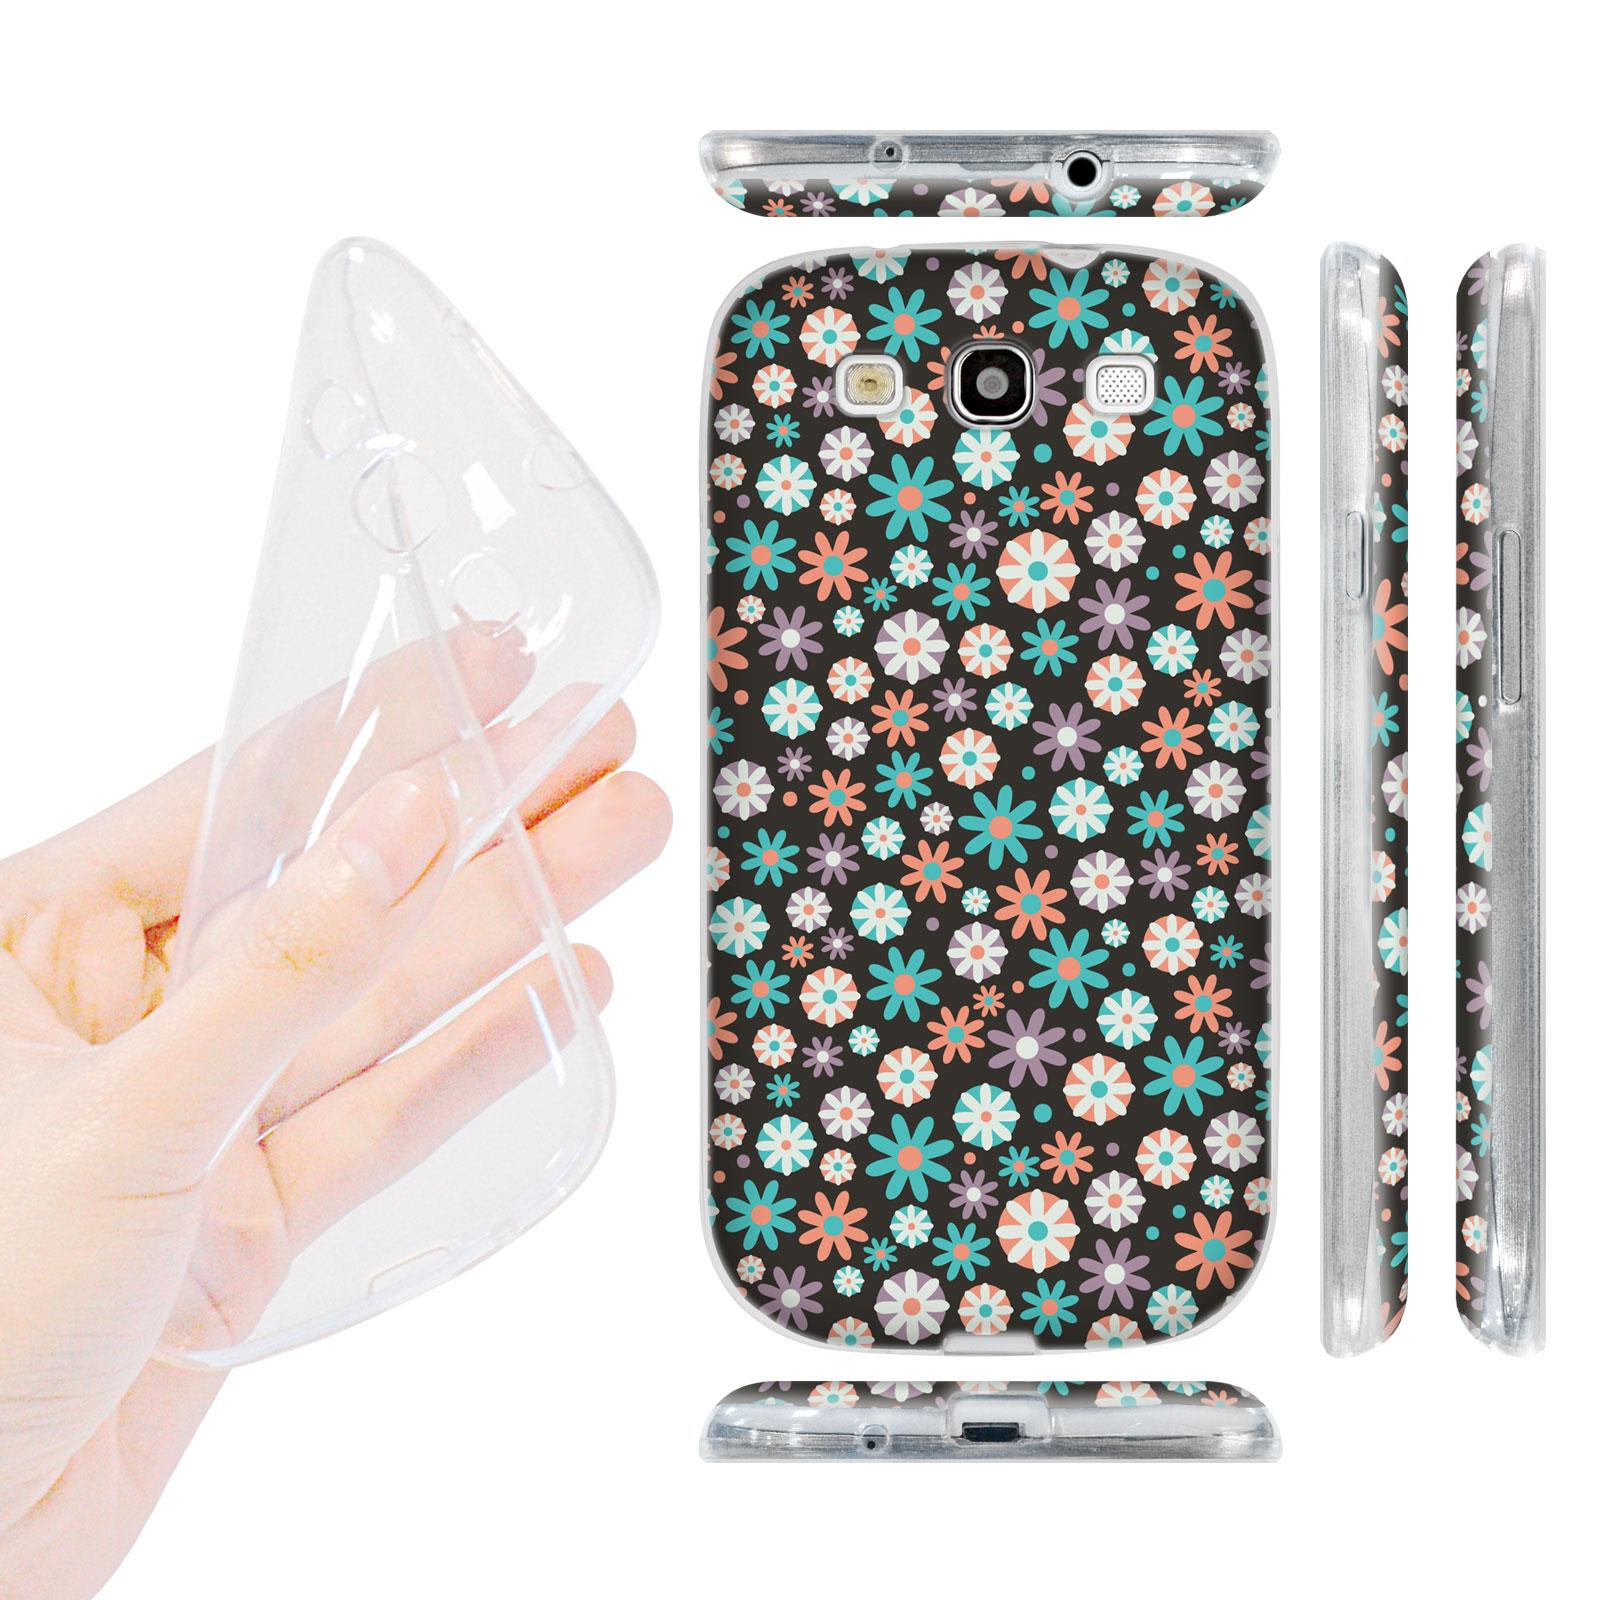 HEAD CASE silikonový obal na mobil Galaxy S3 i9300 malé květinky černá fialová růžová